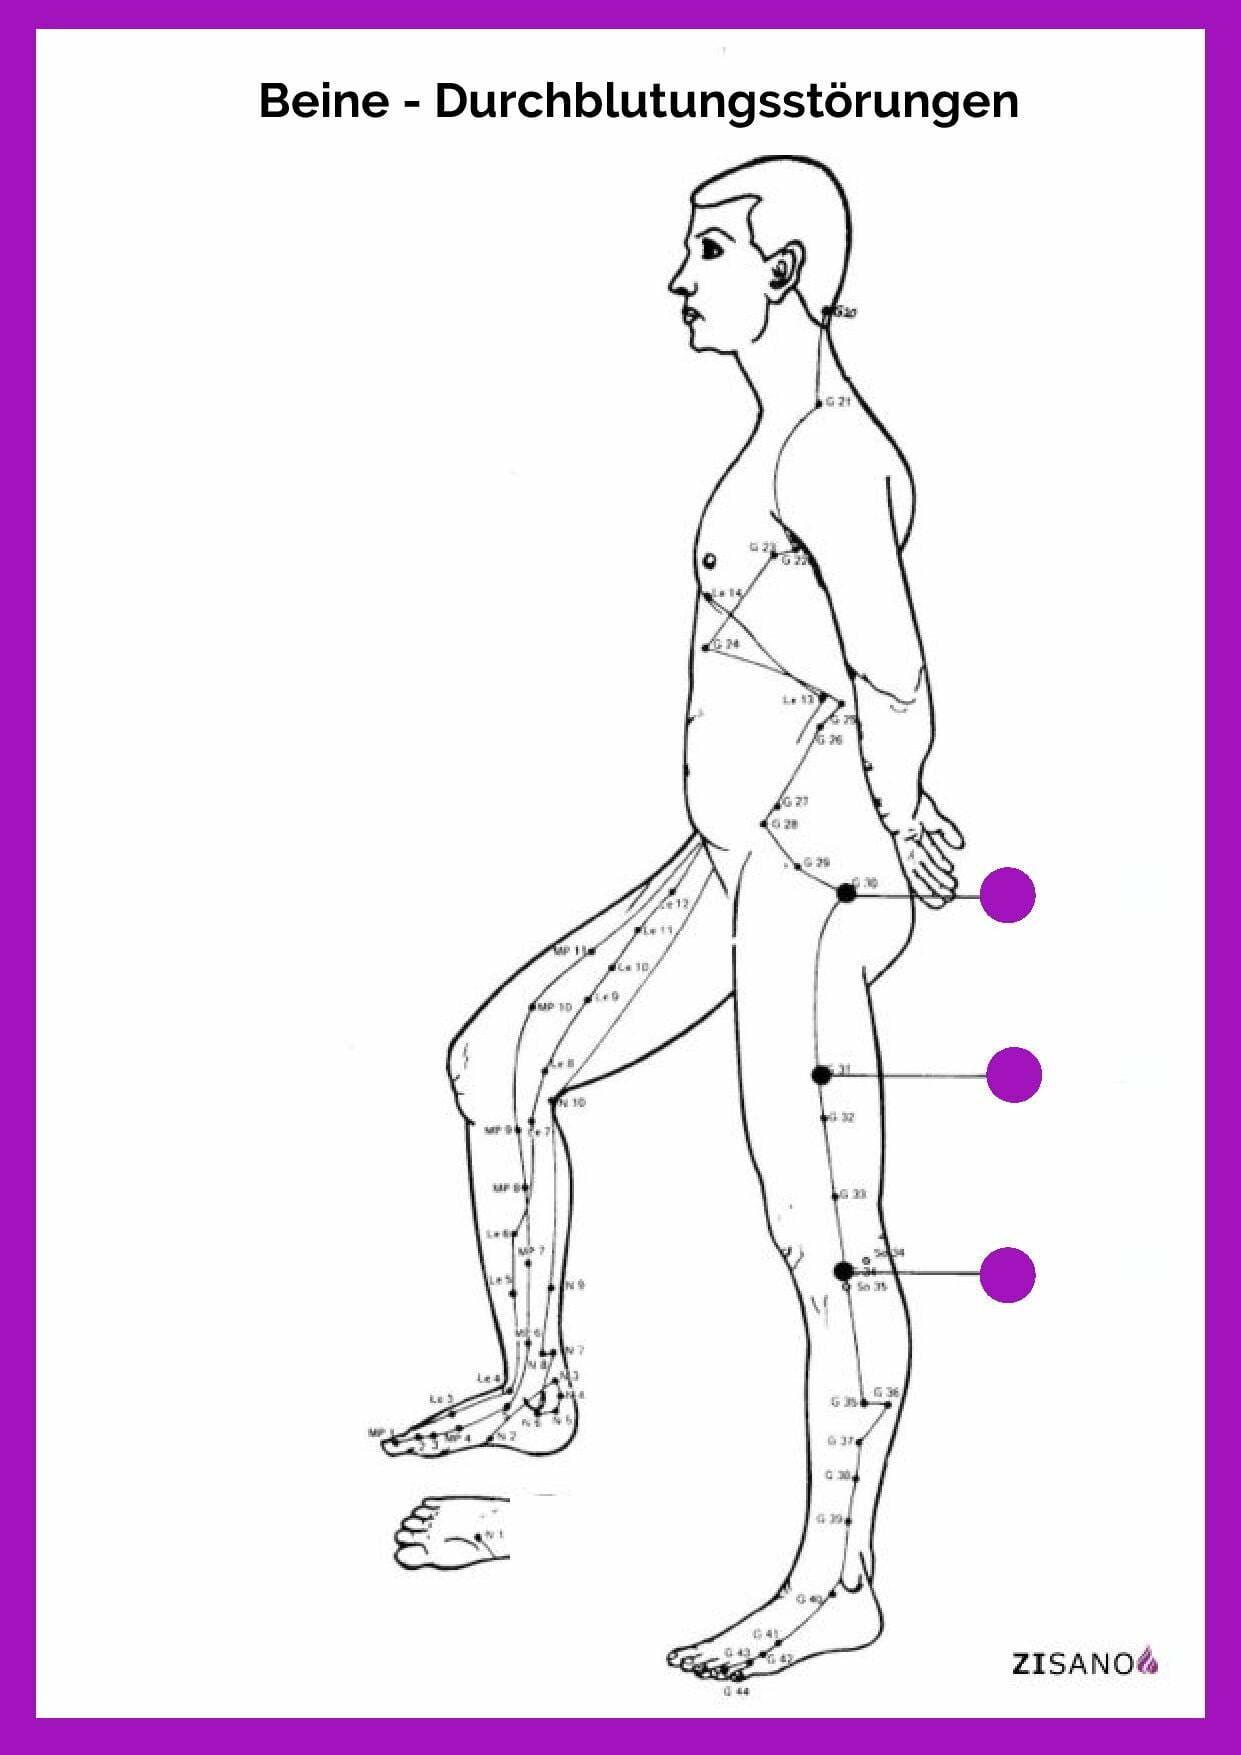 Meridiane - Beine Durchblutungsstörungen - Behandlung